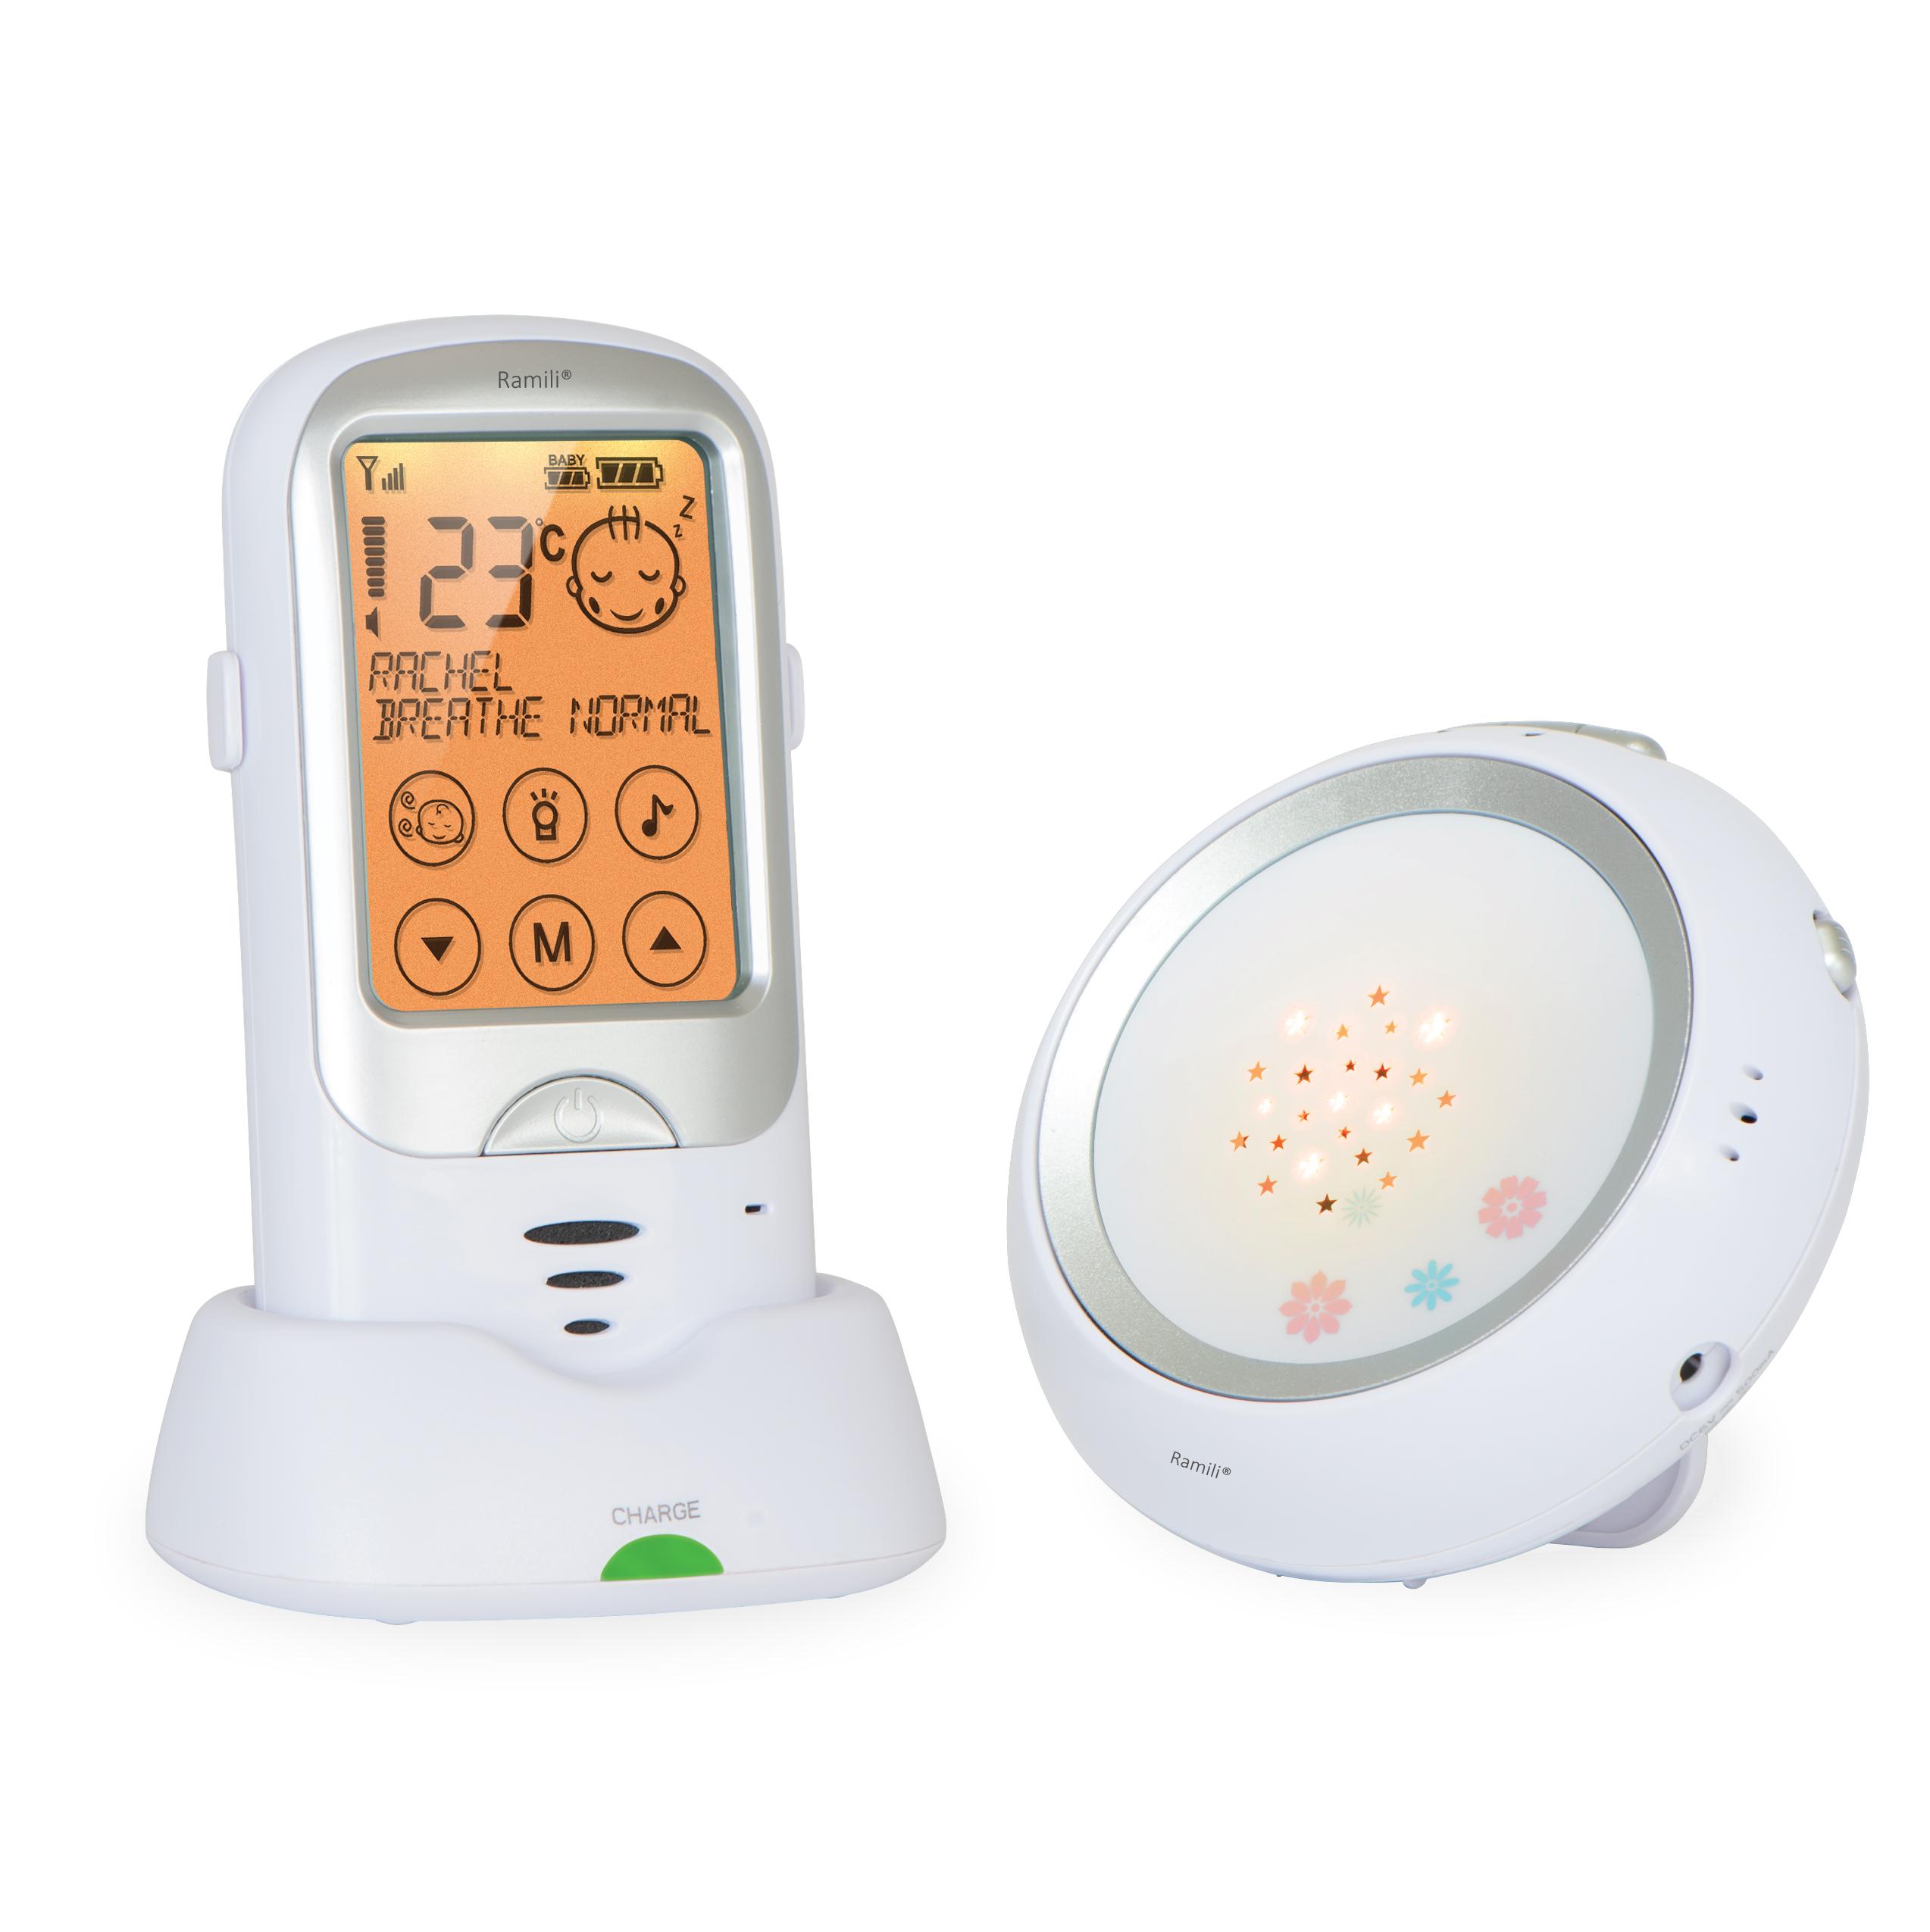 Ramili Baby Digital Baby Monitor RA300 представляет собой радионяню, вобравшую в себя все передовые технологии. Она обеспечивает простое и удобное общение с ребенком, полностью безопасна, ее звучание является кристально чистым, а диапазон действия составляет расстояние до 650 метров. Устройство постоянно в автоматическом режиме мониторит расстояние между блоками и регулирует мощность передачи сигнала, тем самым продлевая срок службы аккумулятора. Радионяня Ramili Baby Digital Baby Monitor RA300 включает в себя множество полезных, потрясающих возможностей, обеспечивающих высоким комфорт при использовании в повседневной рутине: сенсорный дисплей, автоматическое определение плача ребенка, двустороннюю связь, великолепный ночник с возможностью проецирования симпатичных звезд и многое другое. Кристально чистый звук Автоматический поиск каналов для обеспечения наилучшего качества